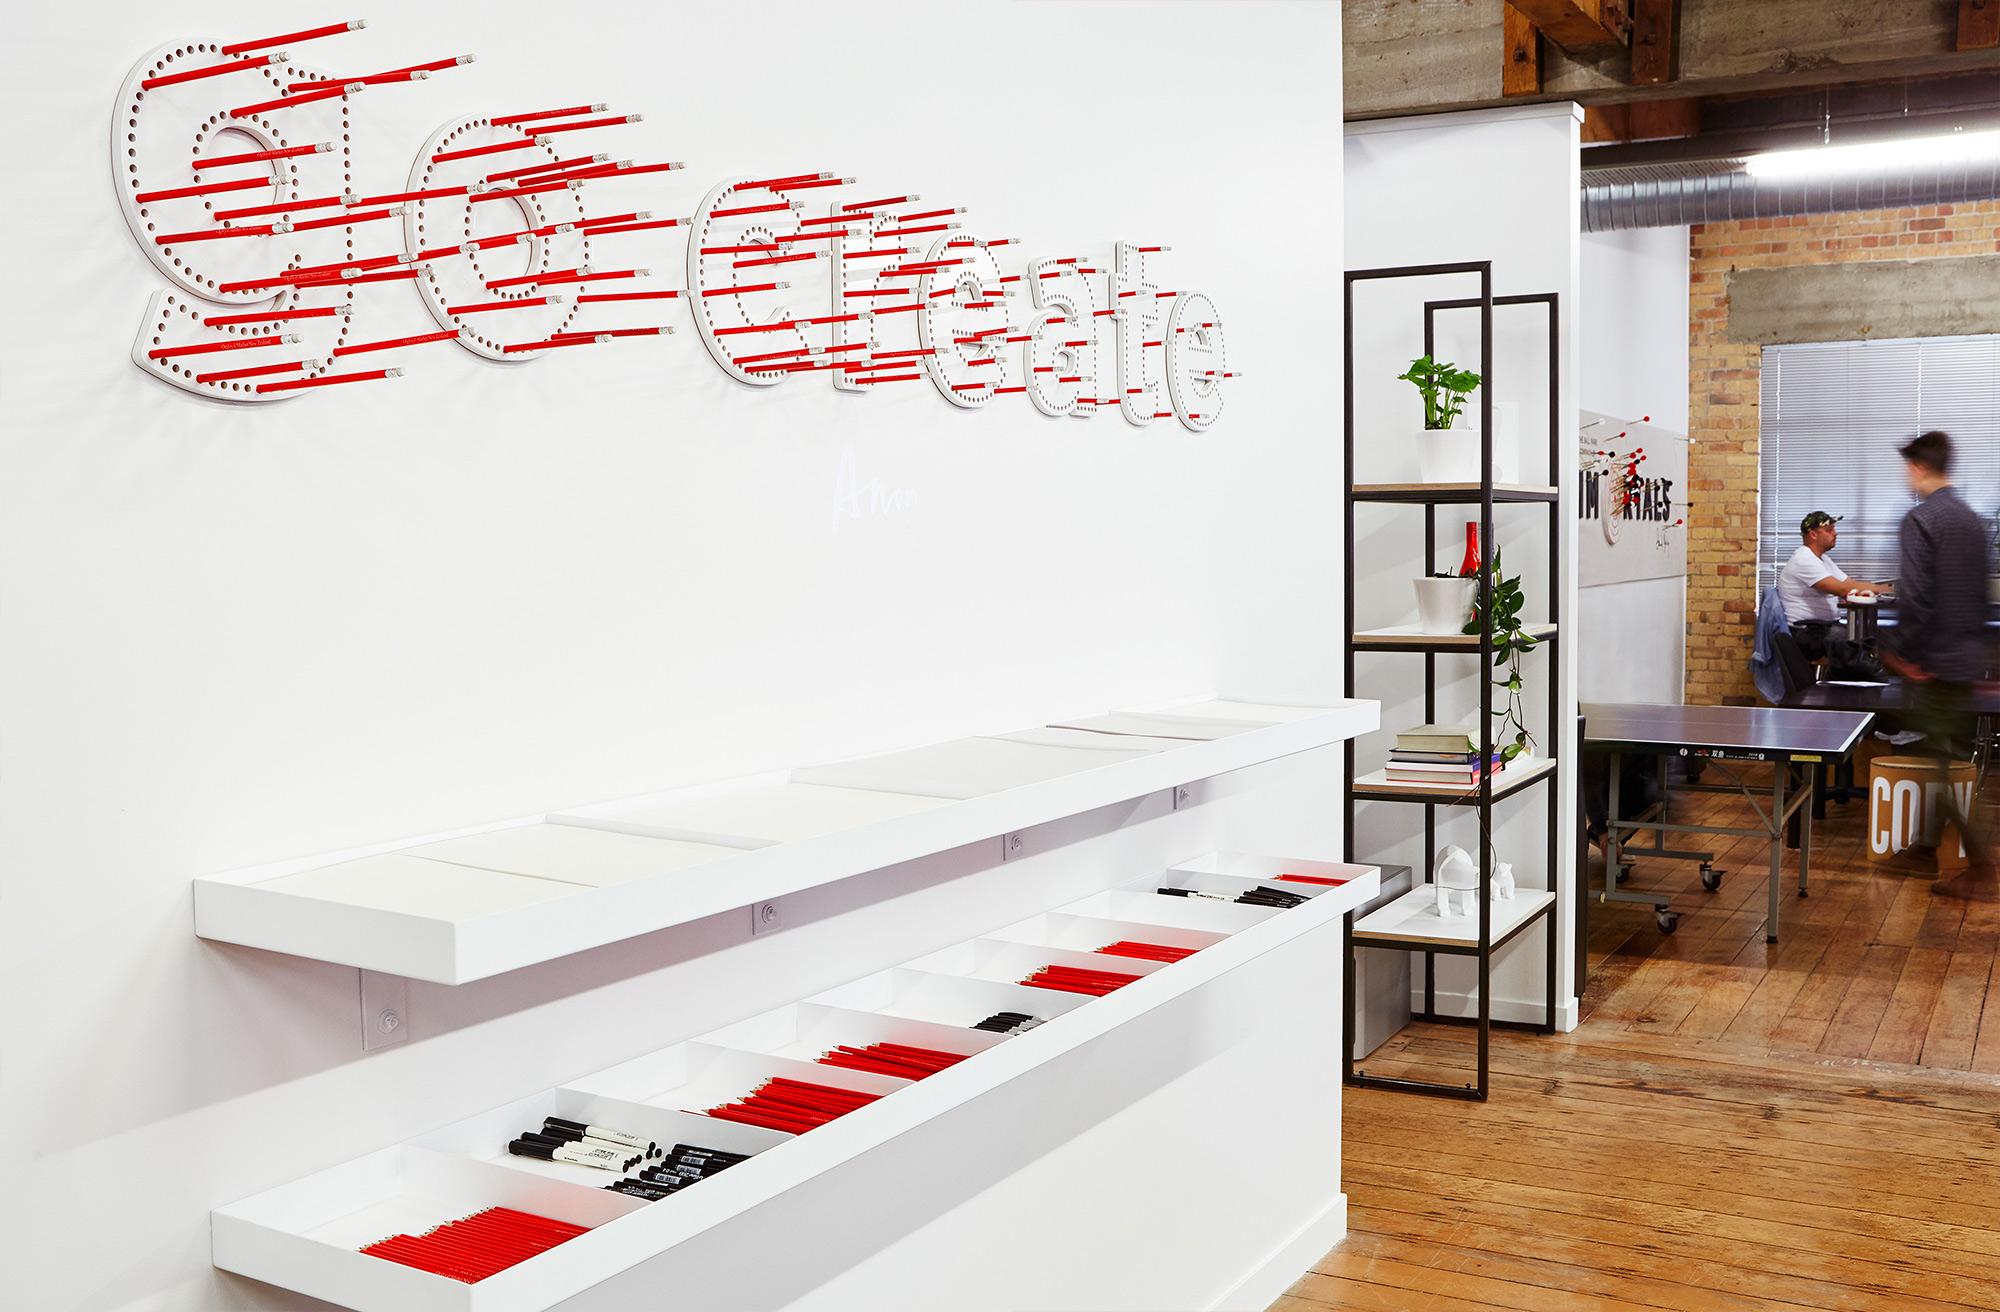 Pencils for interior design of Ogilvy & Mather New Zealand HQ. @enviromeant.com